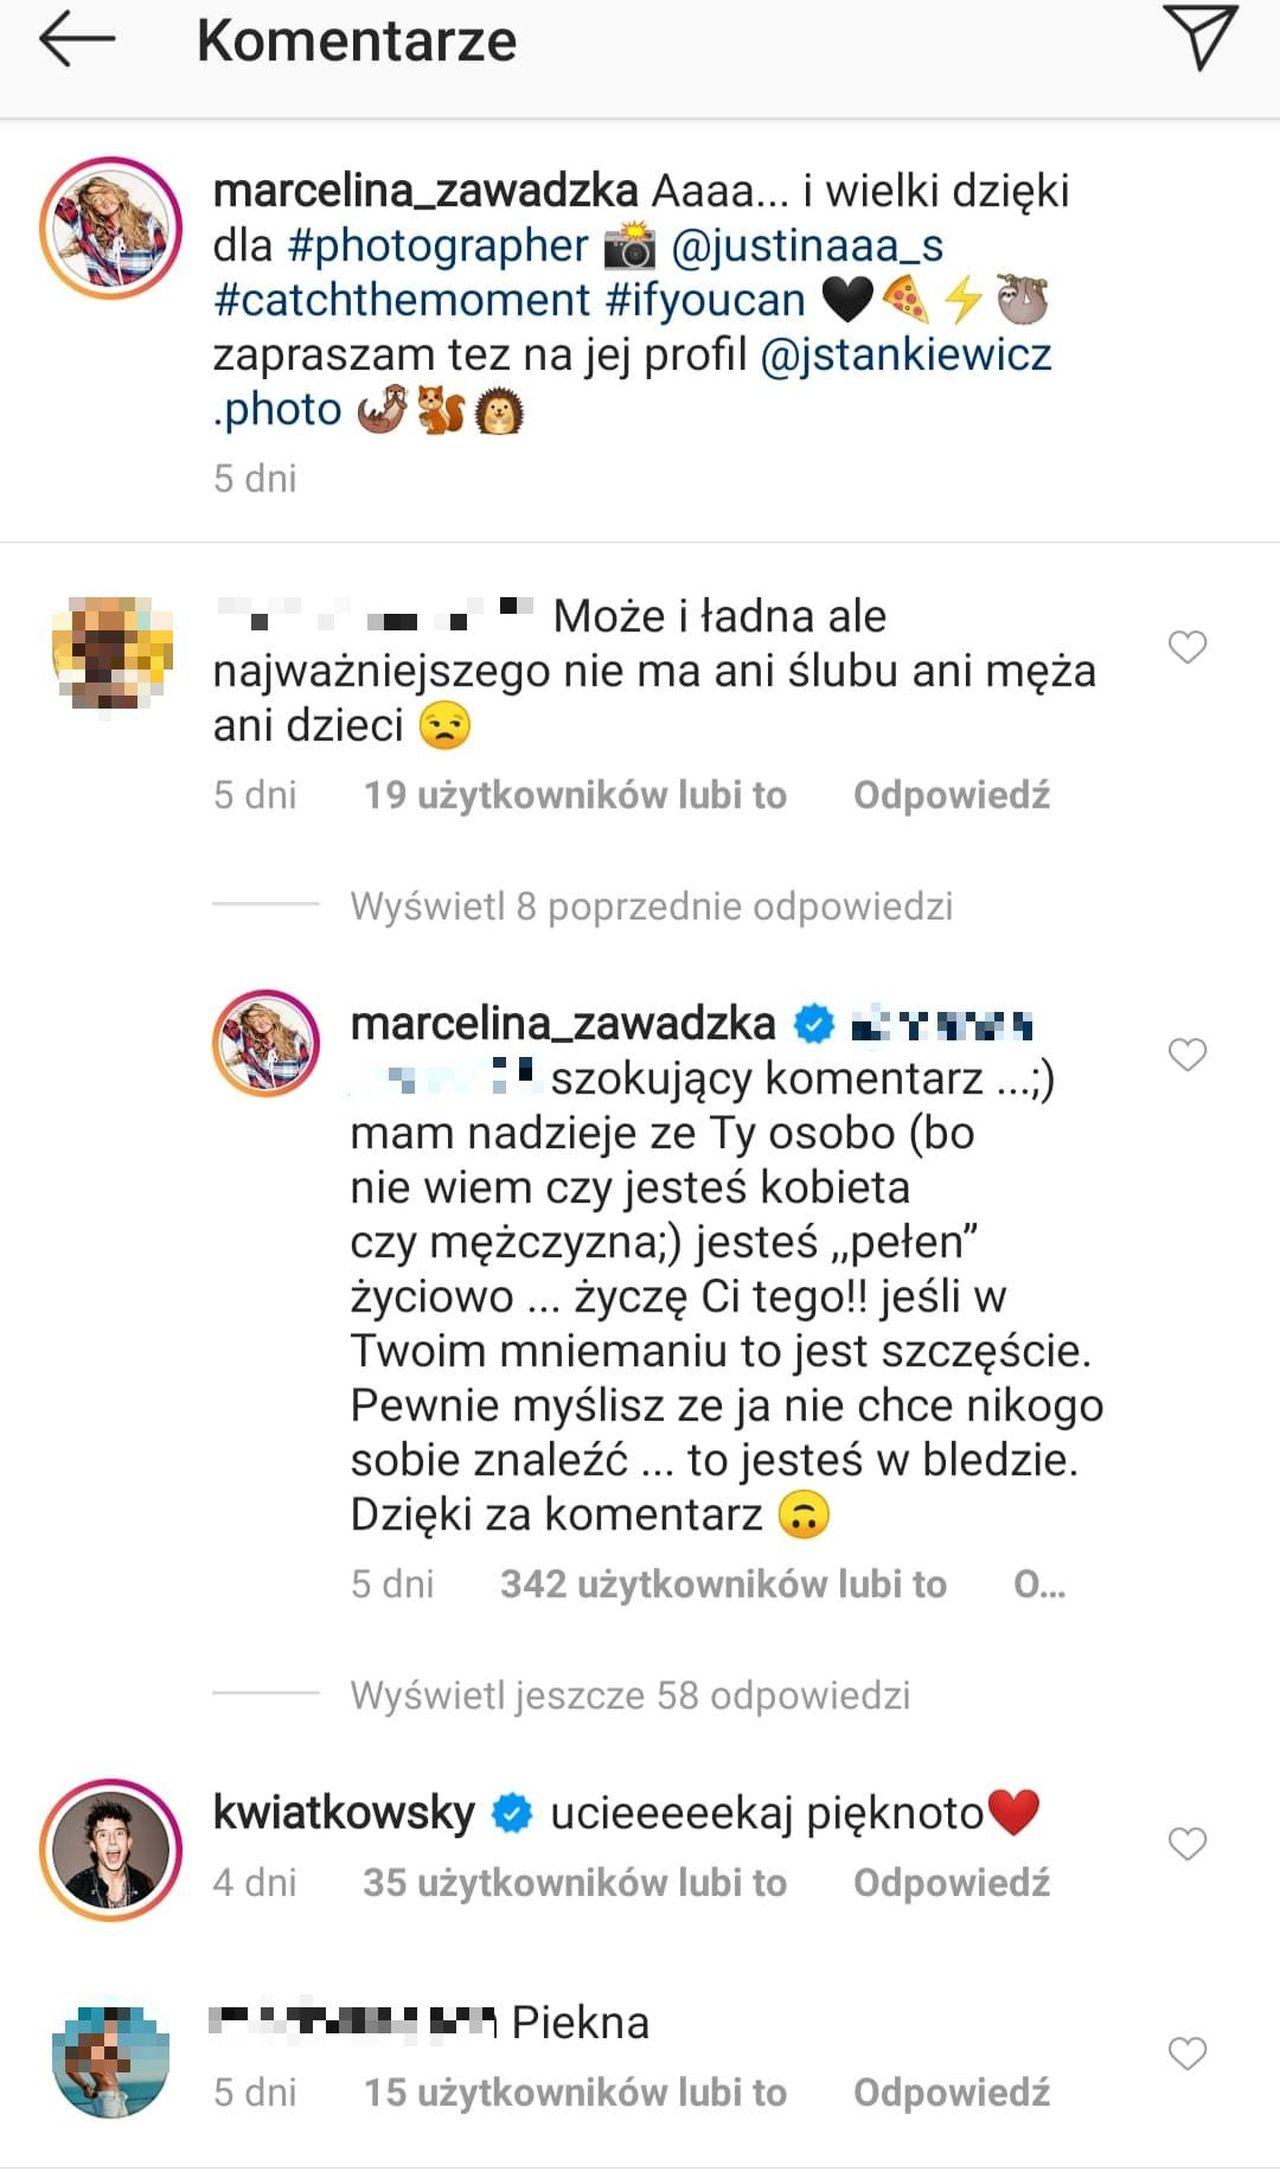 Marcelina Zawadzka odpowiada na komentarz o ślubie